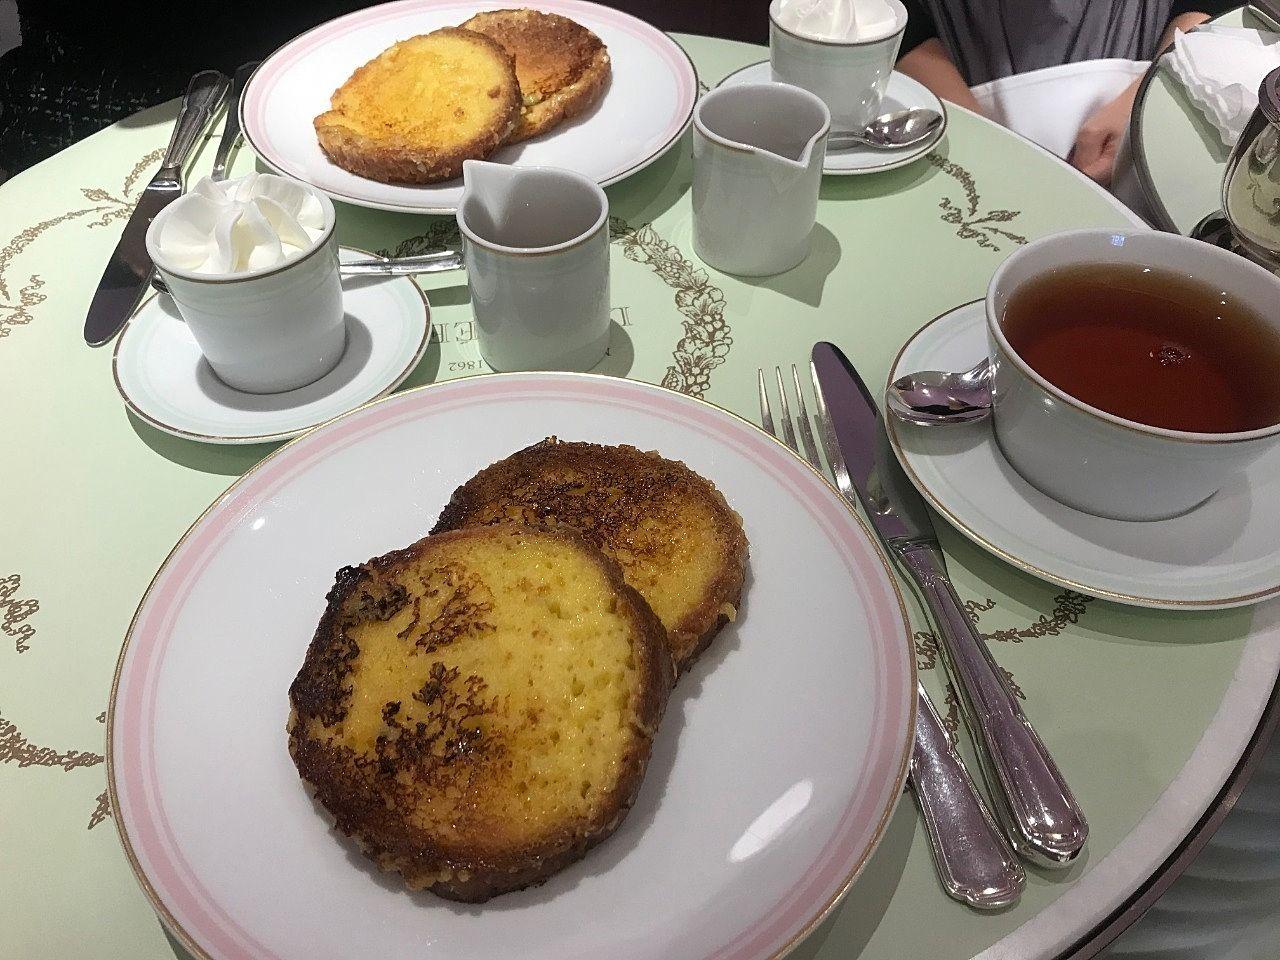 青山にあるラデュレのサロンドテで朝食をしてきました。